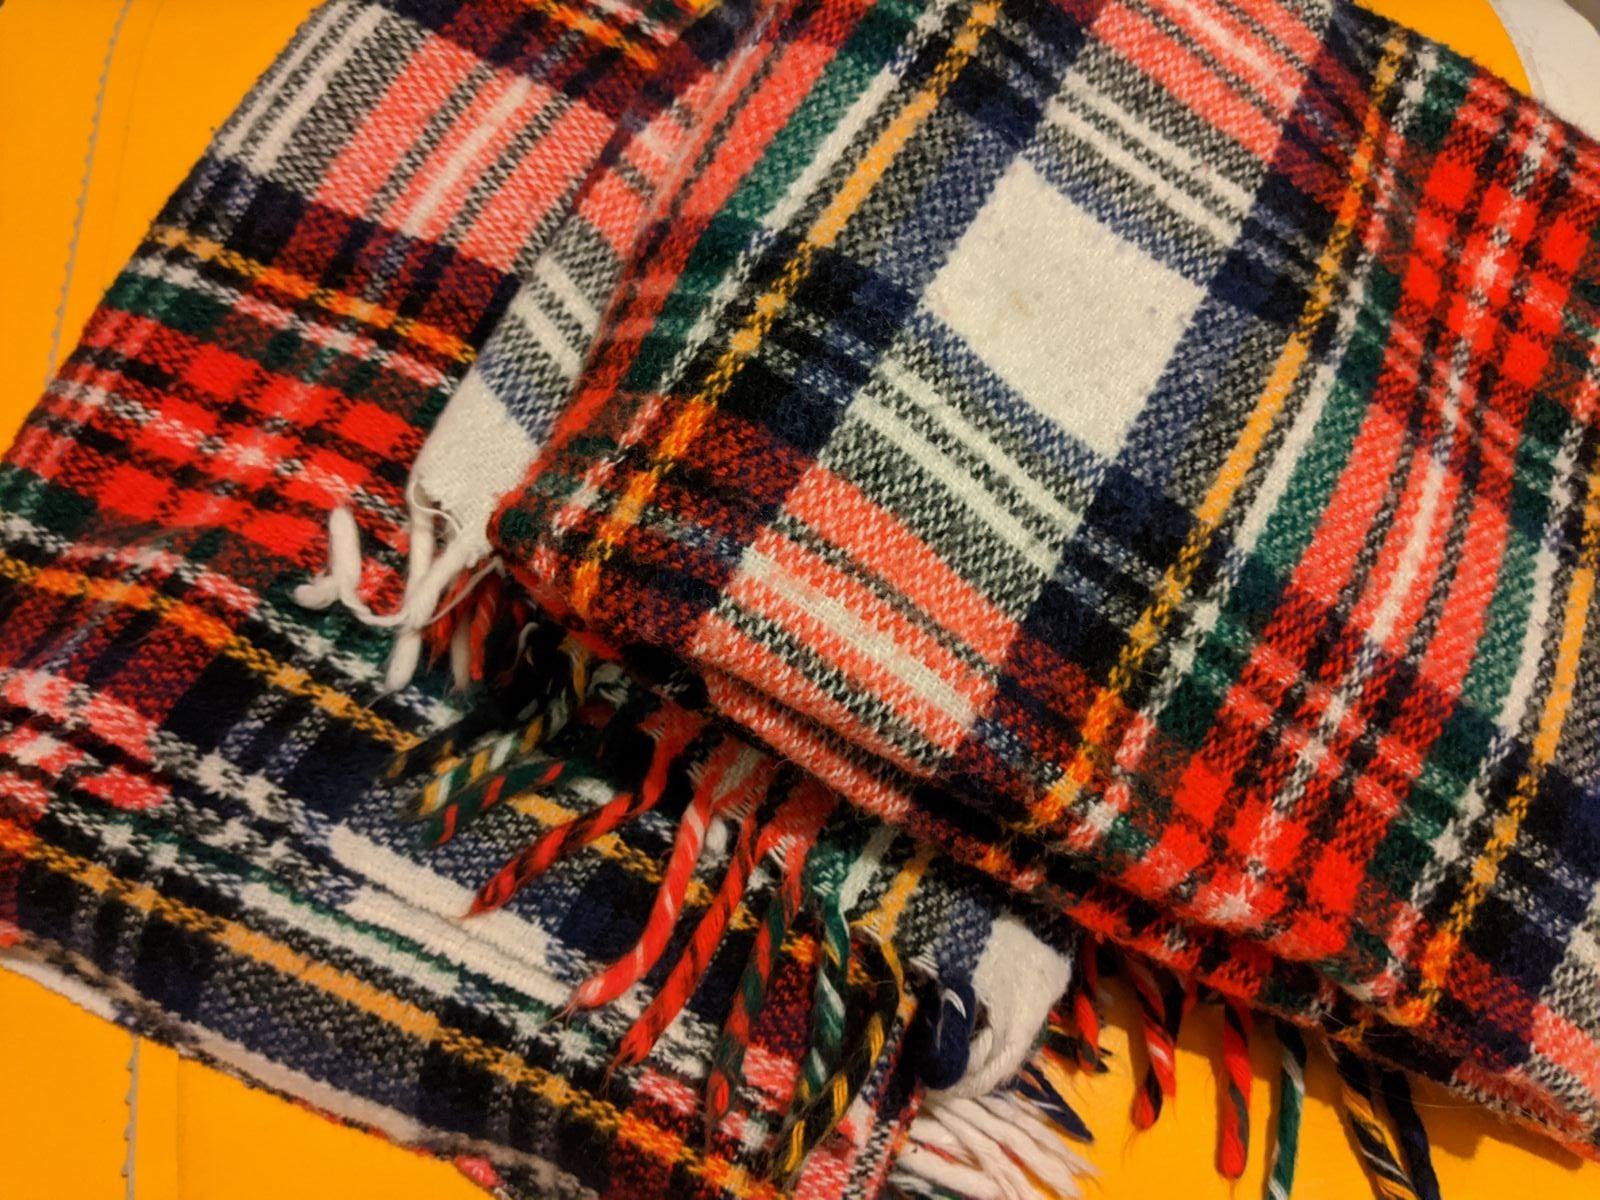 Pair of vintage plaid blankets